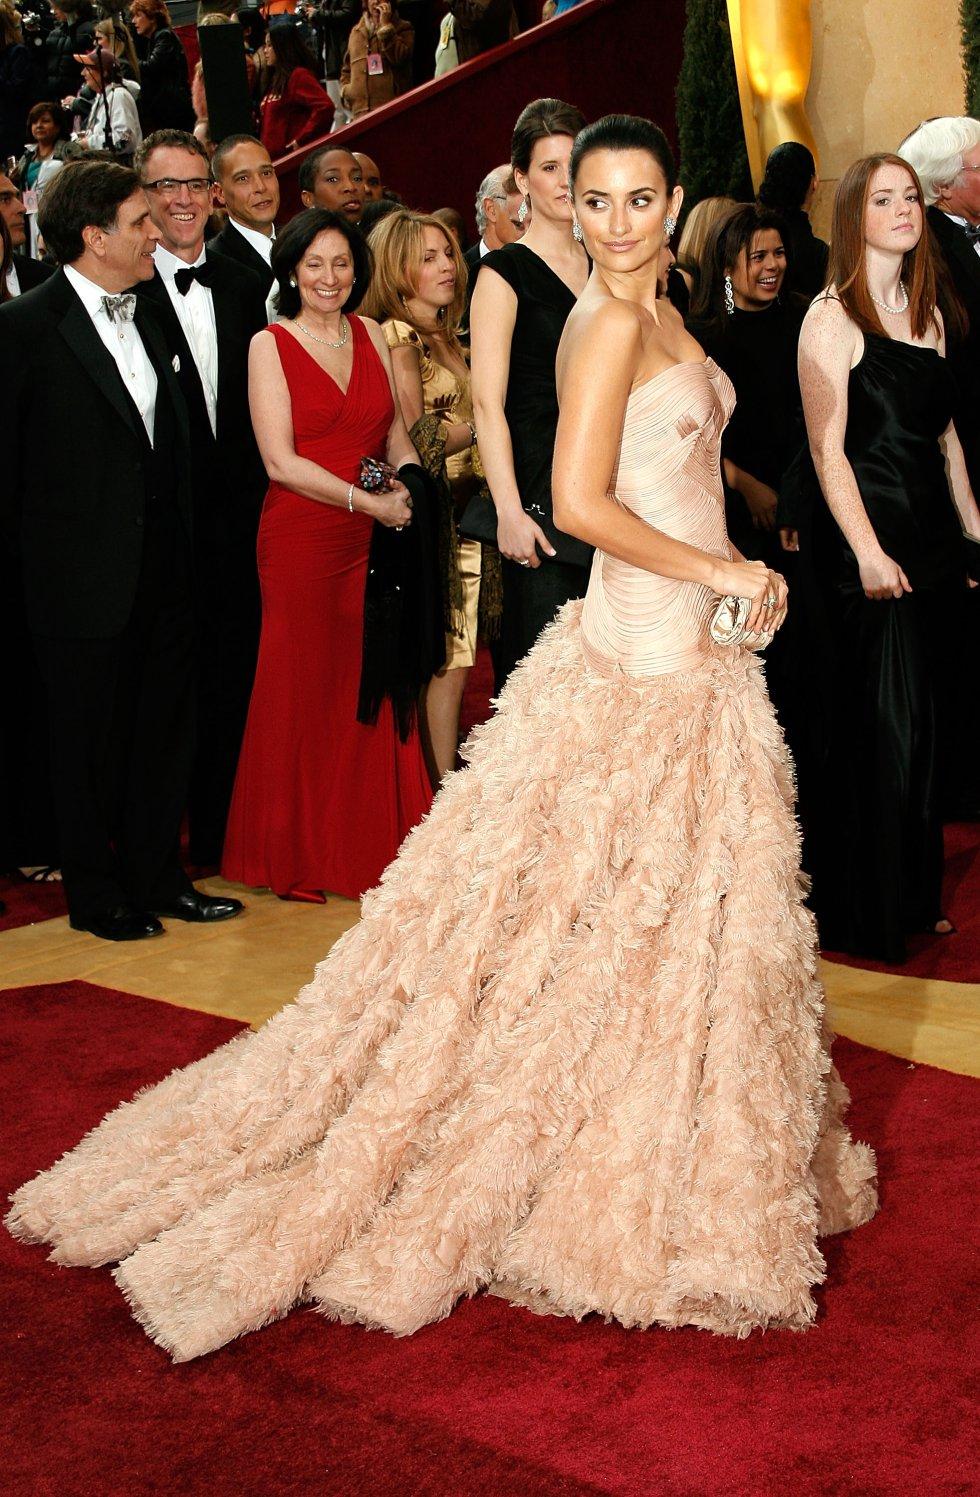 La española Penélope Cruz, en la gala de los Oscar de 2007 con un diseño de Versace.